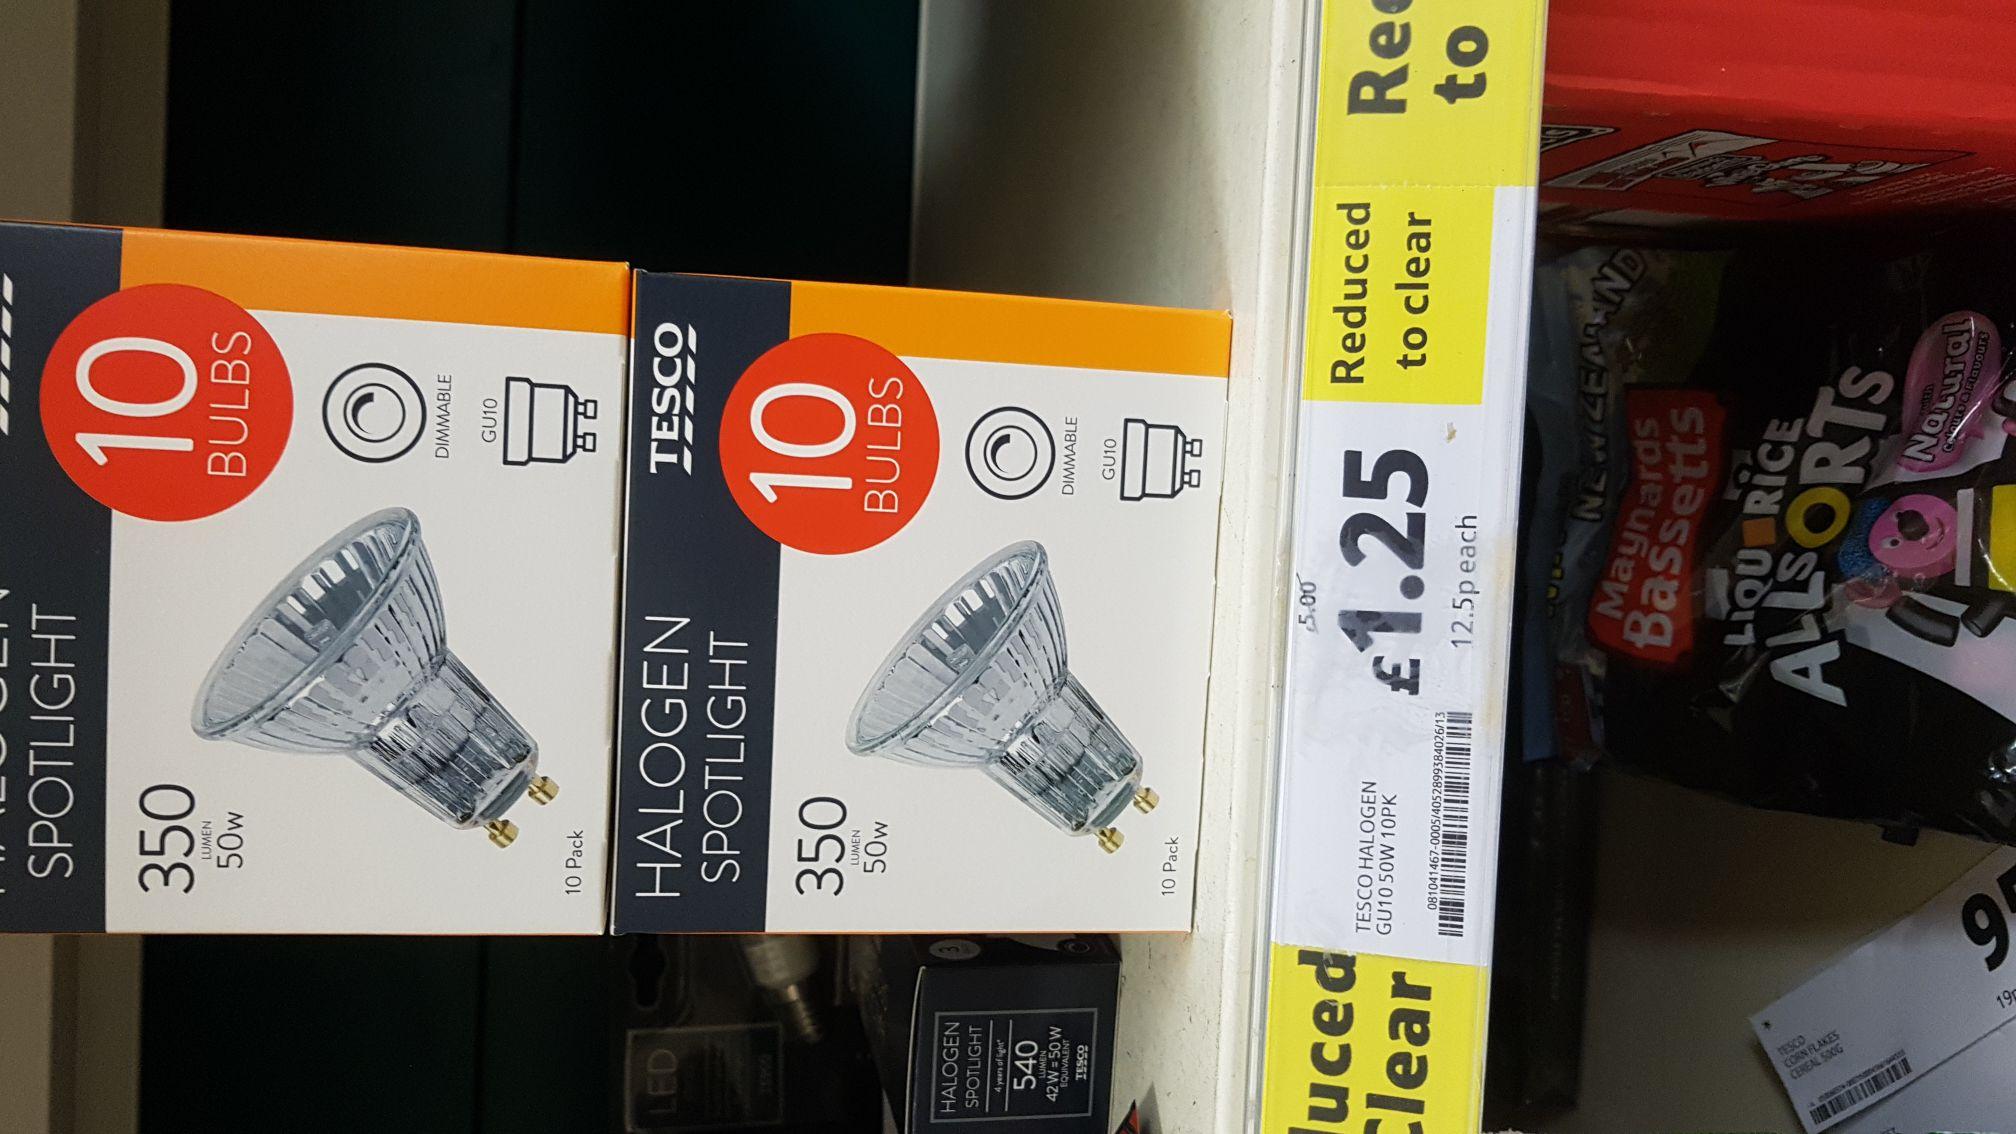 10 X GU10 Halogen Bulbs 50W £1.25 - Tesco Metro Nottingham